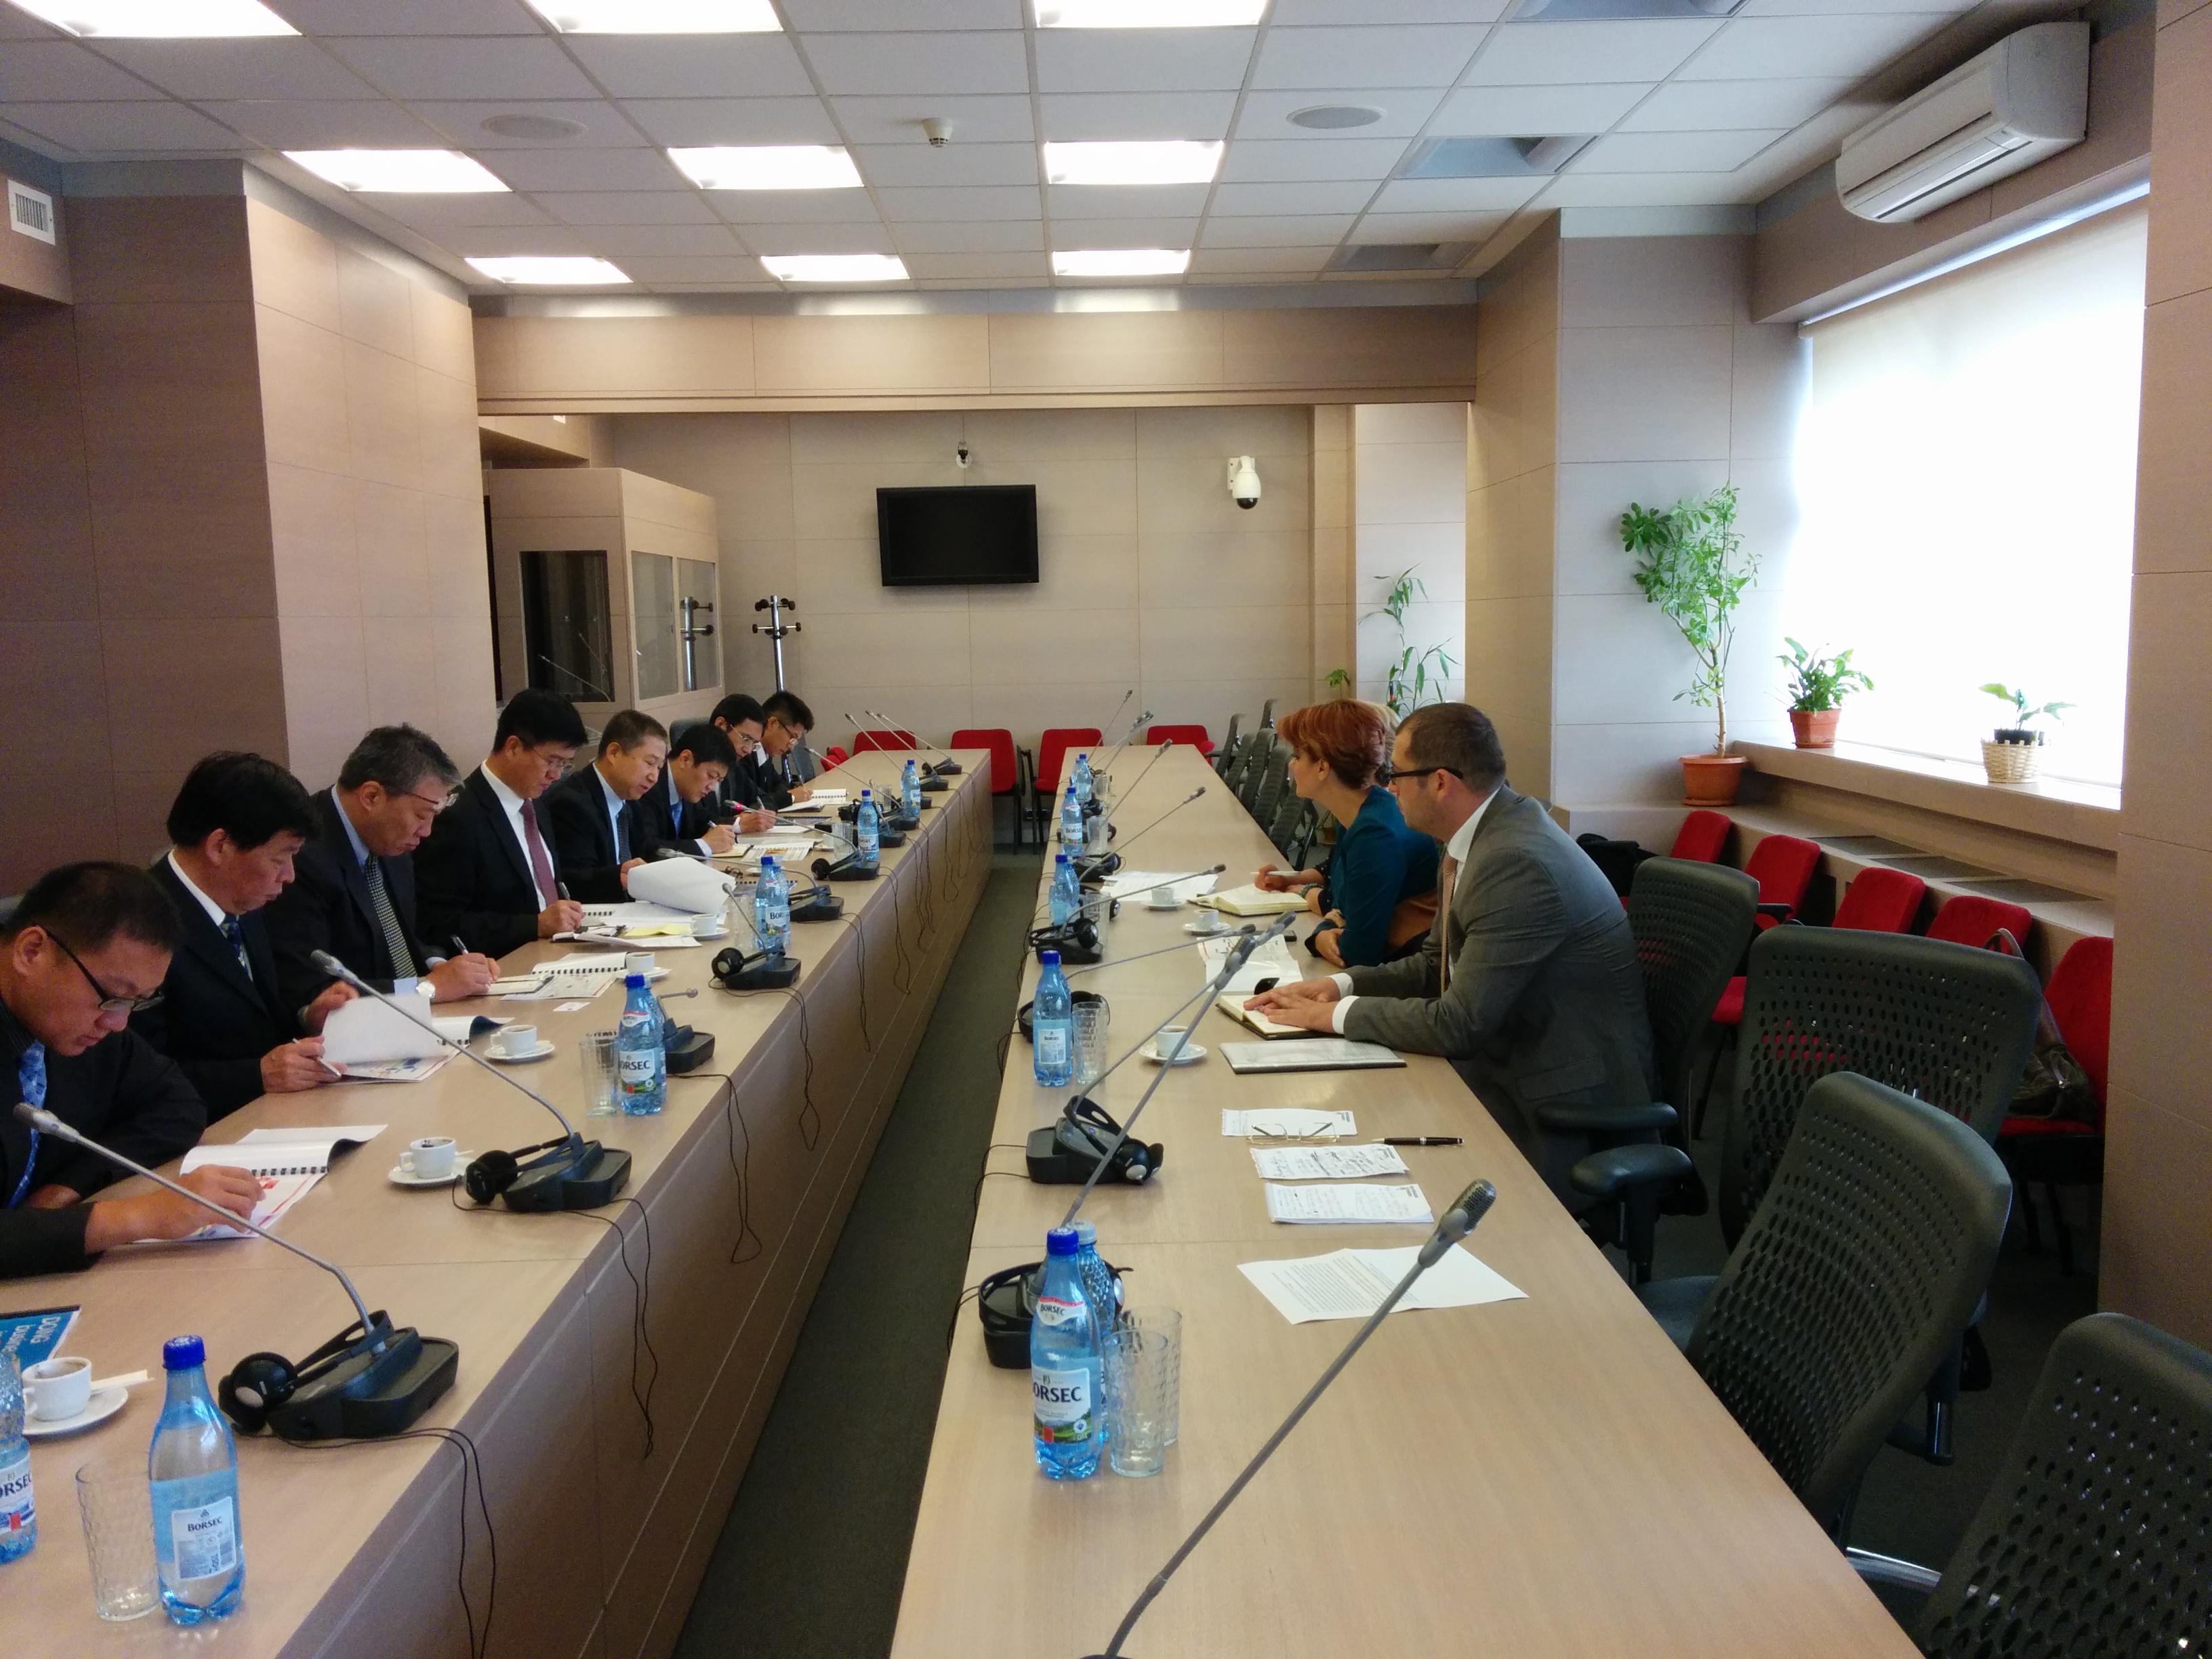 Primaria Craiova a semnat  un contract cu o firmă chineză, pentru construcția unui cartier cu aproximativ 2000 de locuințe, sub prețul de pieței: 400 euro/mp.